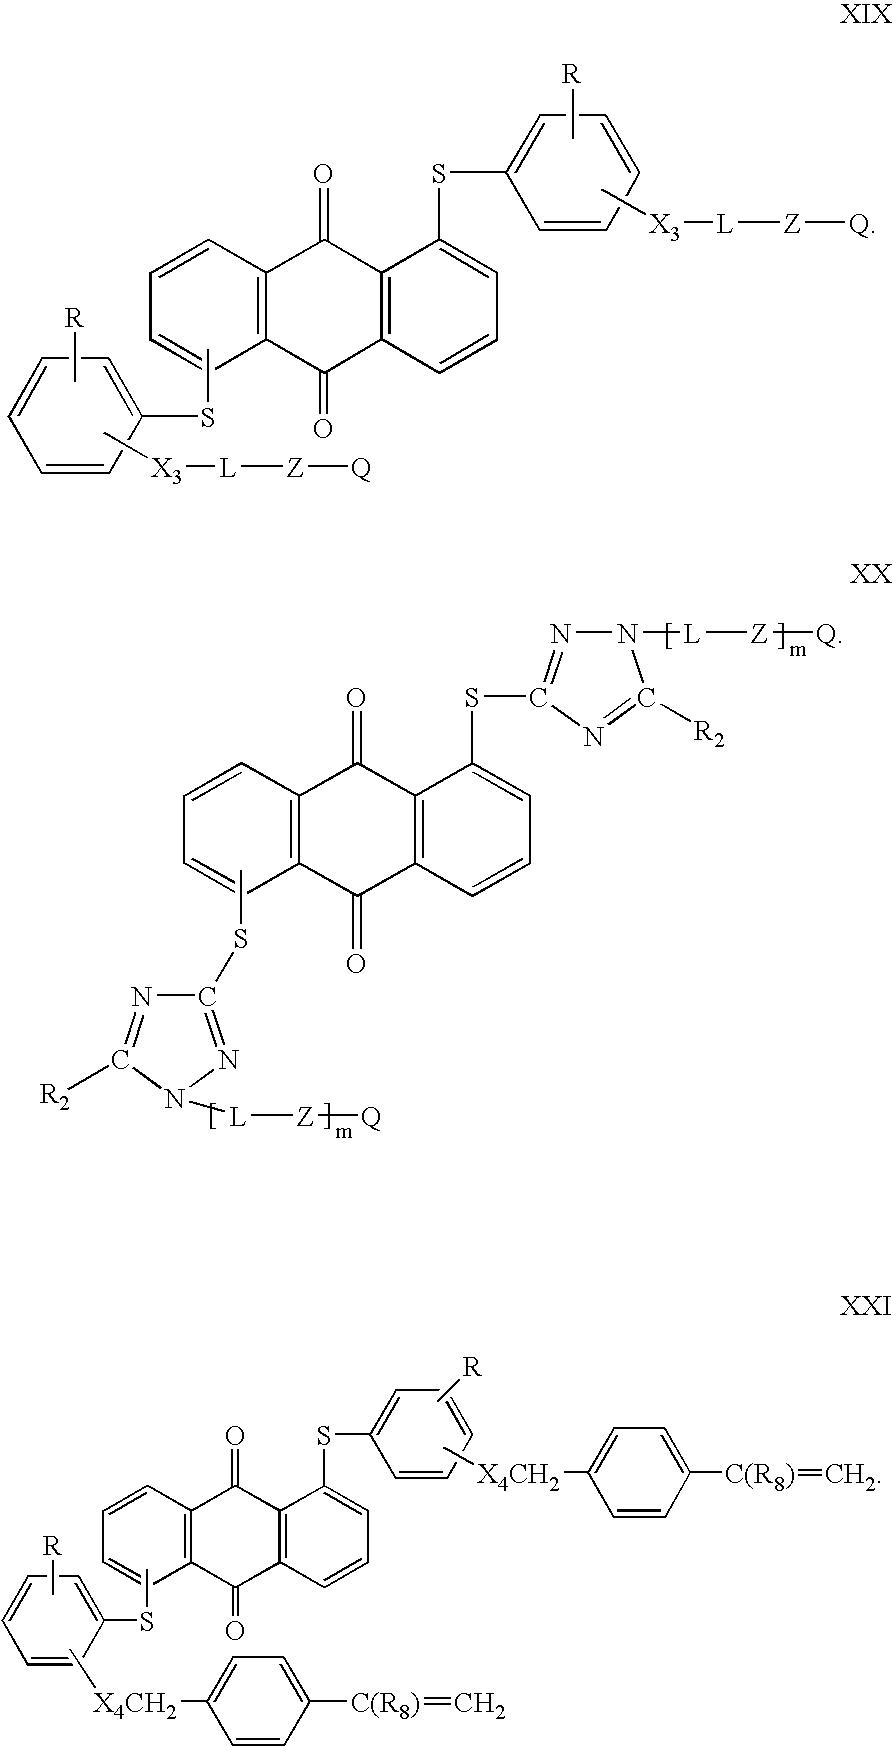 Figure US07141685-20061128-C00004